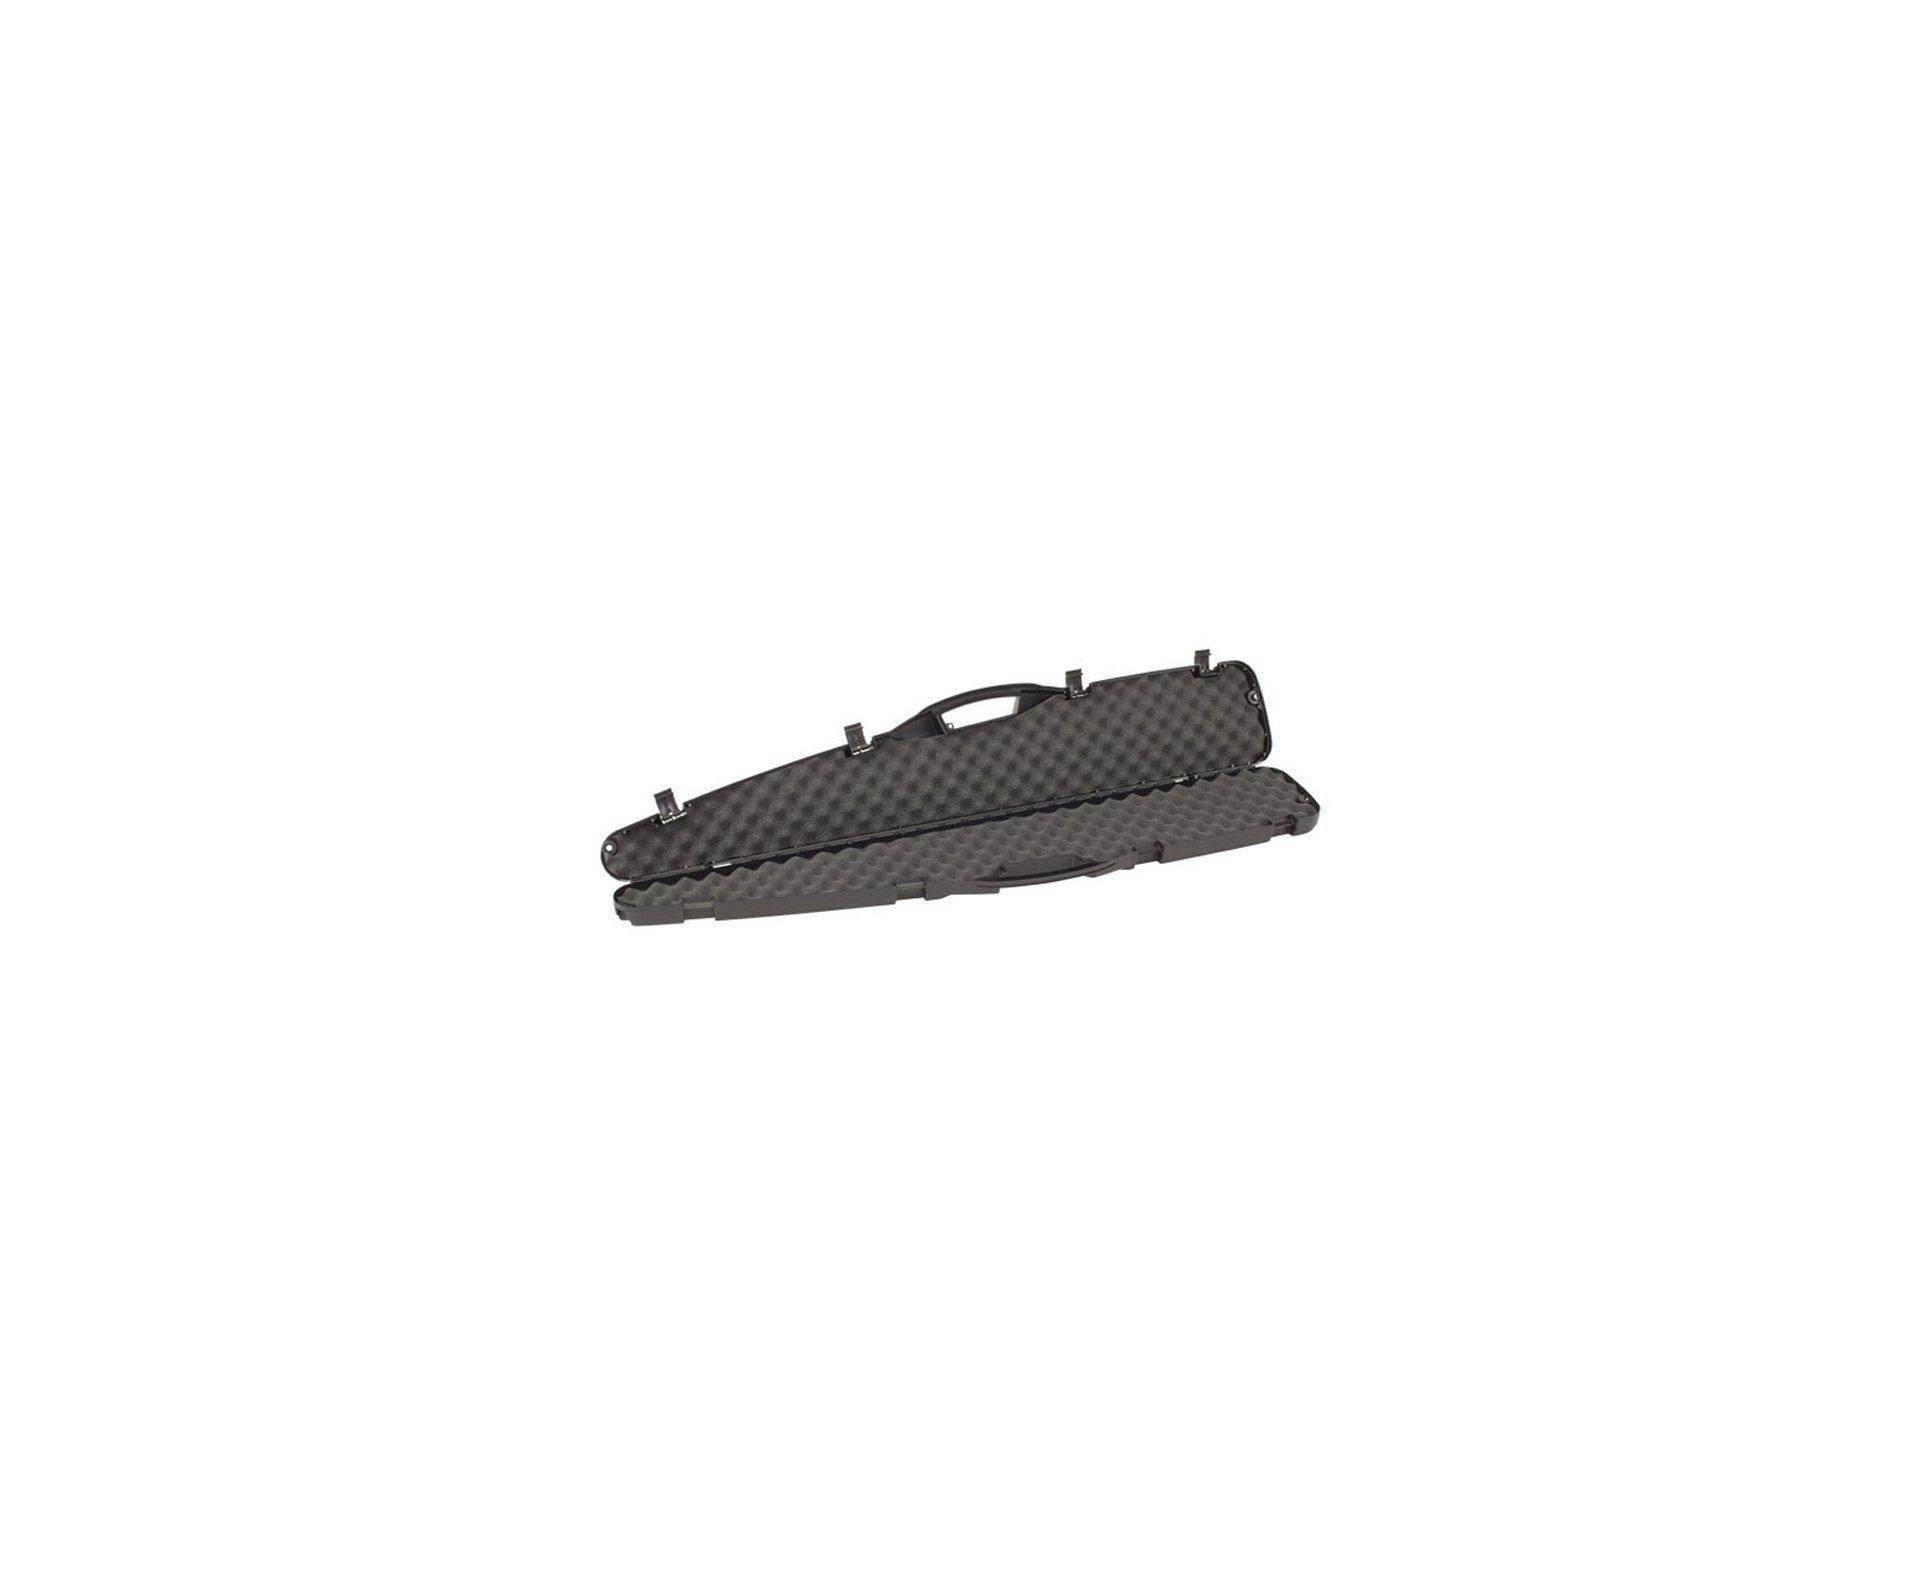 Carabina De Pressão B19-x F22 5,5 Mm + Luneta 4x32 + Case Rigido Plano